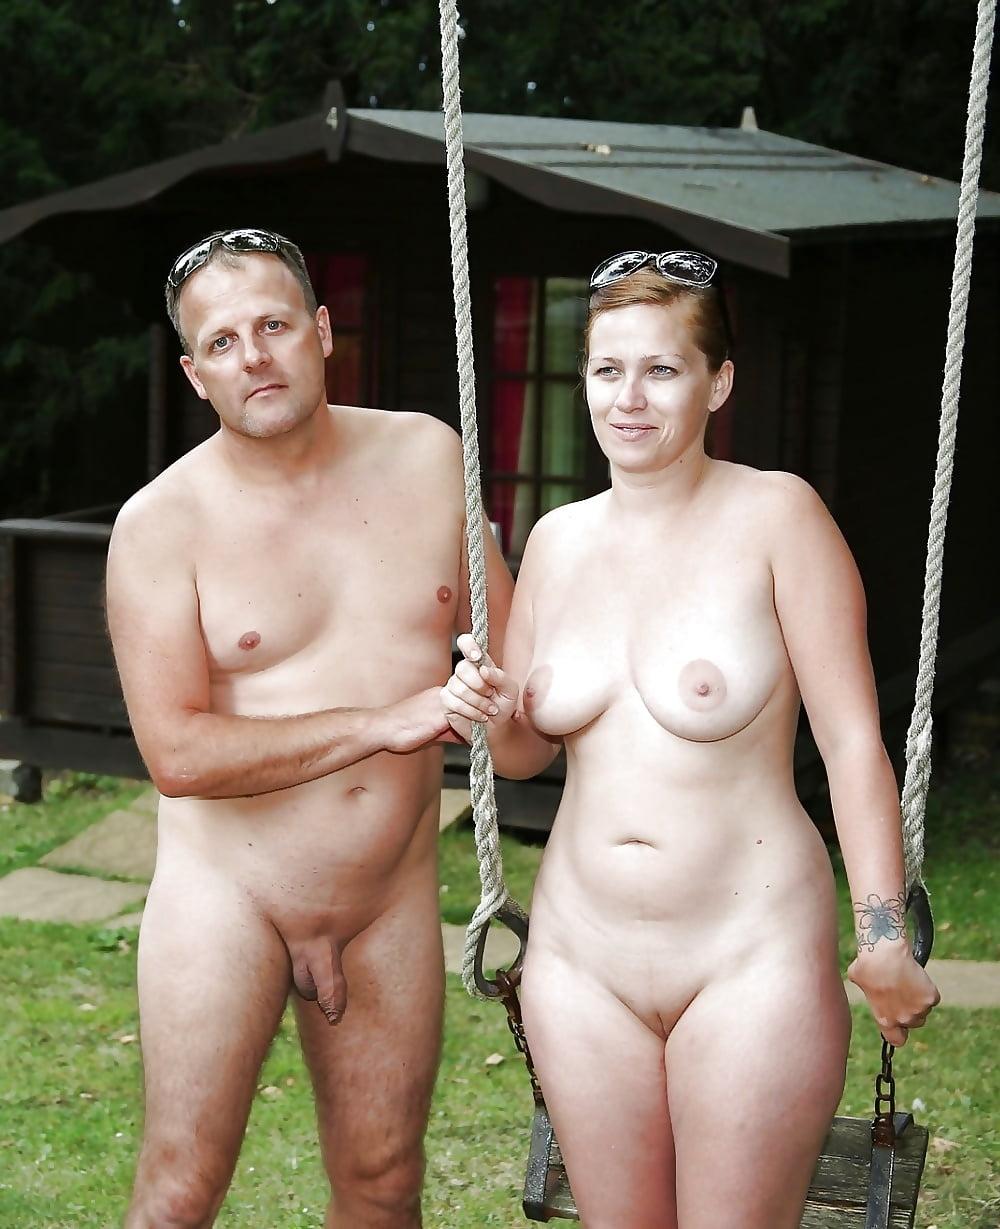 при всем видео голая женщина и мужик живи нами